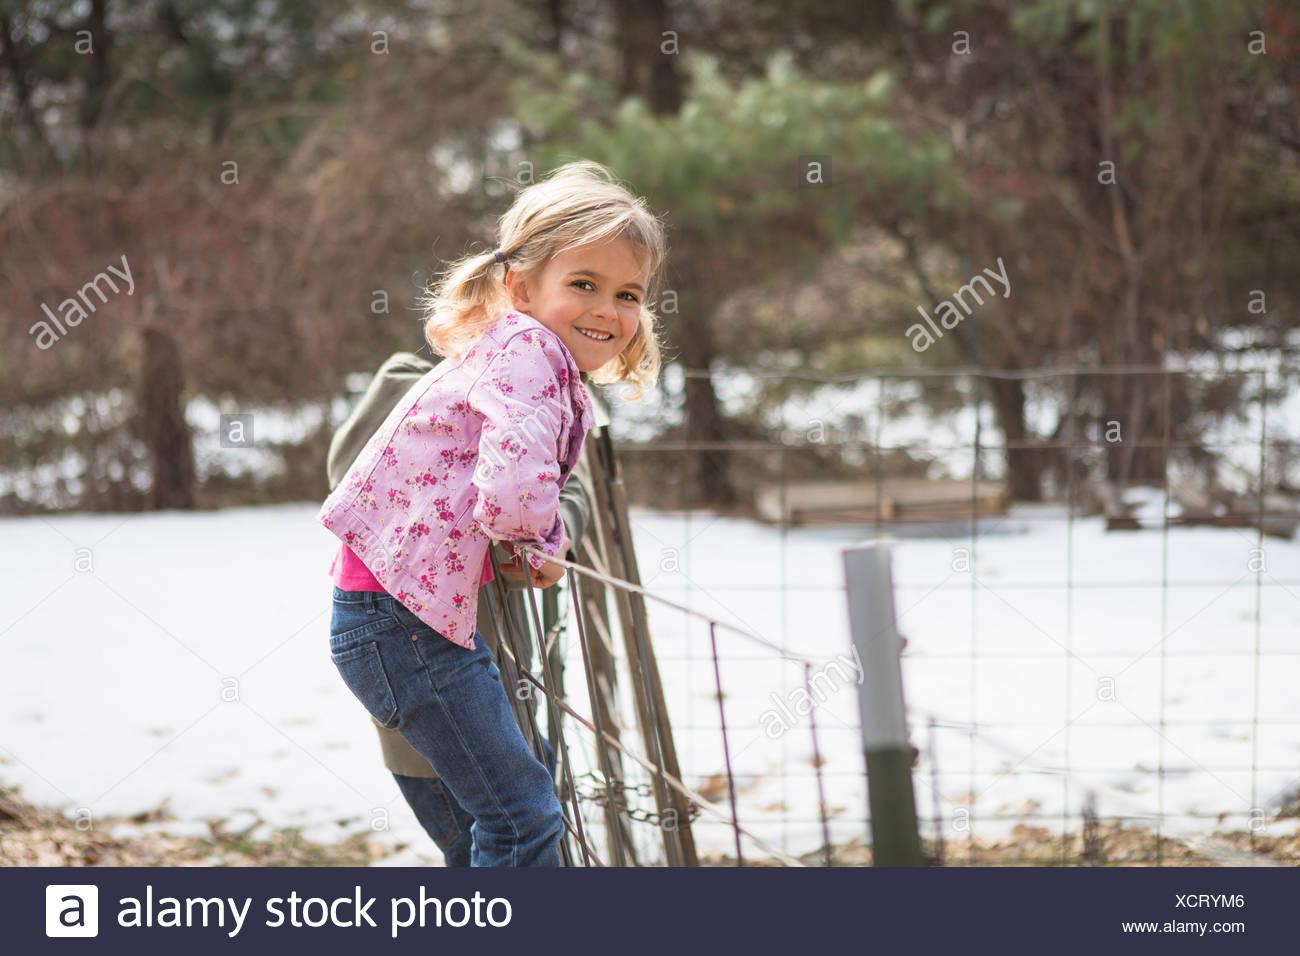 Joven escalando alambrada en el campo Foto de stock